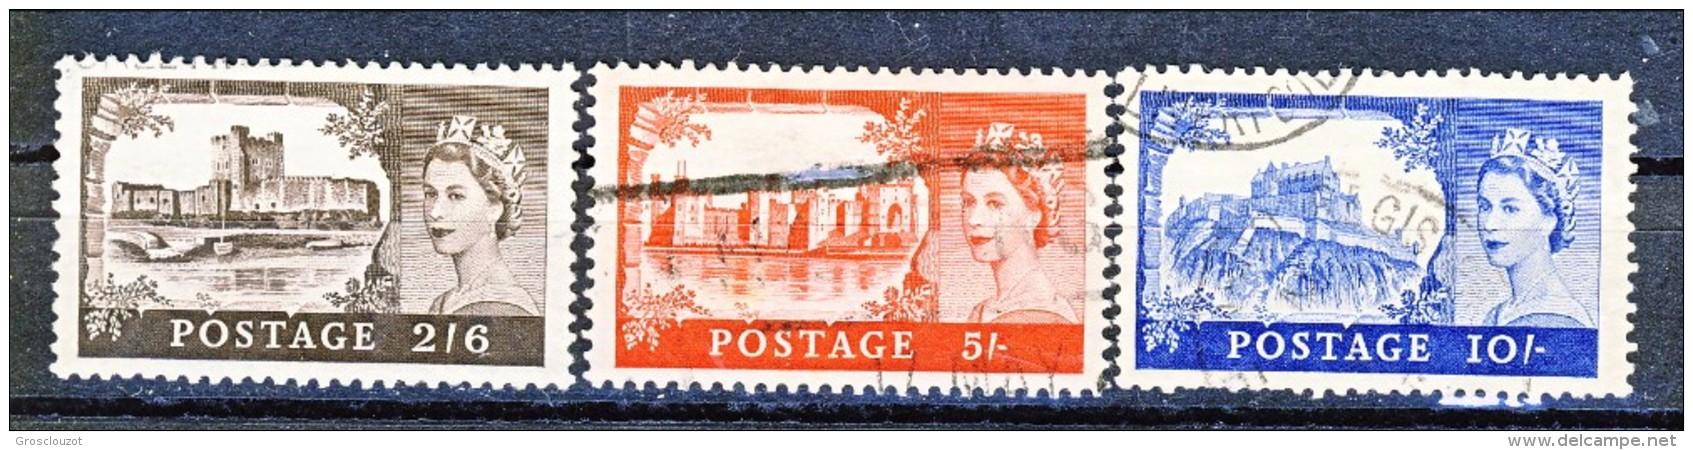 UK Elisabetta II 1955 Castelli E Effige. Serietta 283-285 Filigrana 21 Usati Catalogo € 15 - 1952-.... (Elizabeth II)